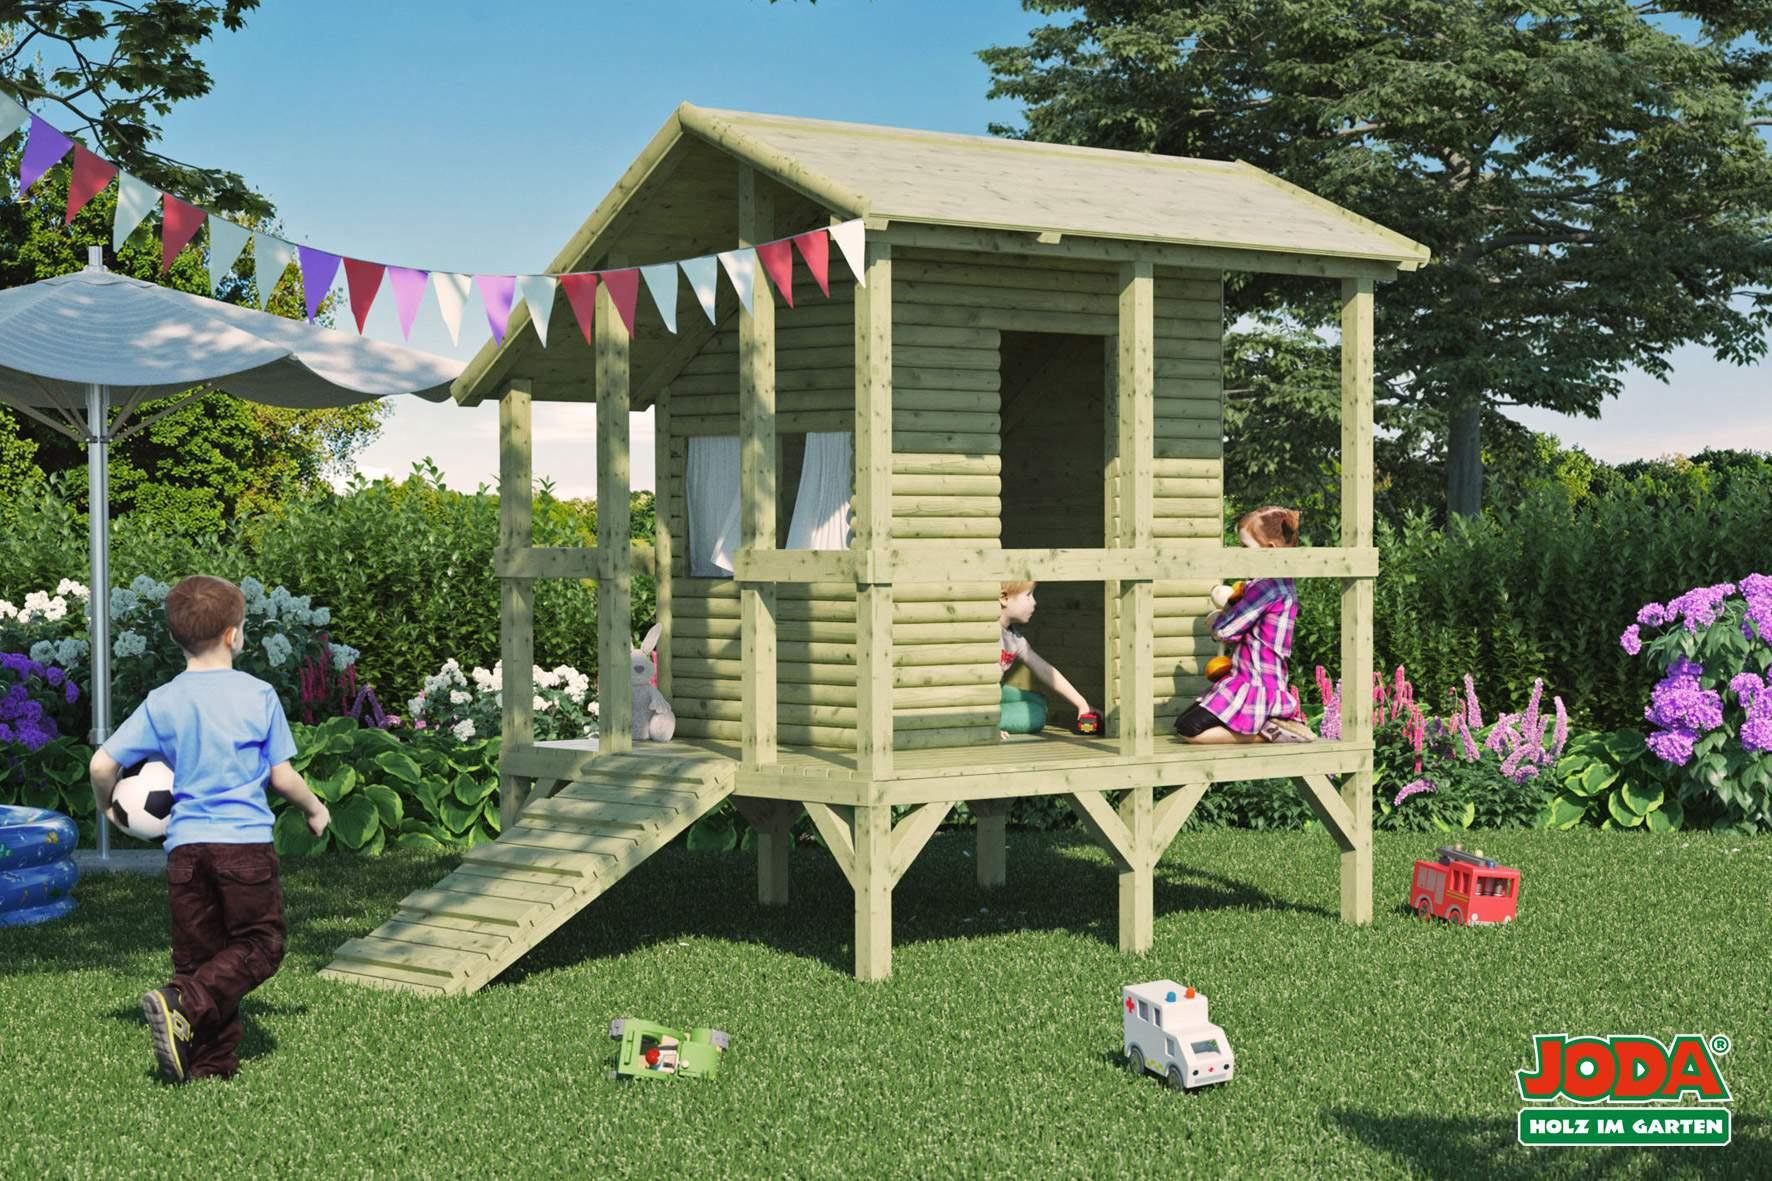 Spielgeräte Garten Inspirierend Kinderwelten Spieltürme Rutschen Klettergerüste Und